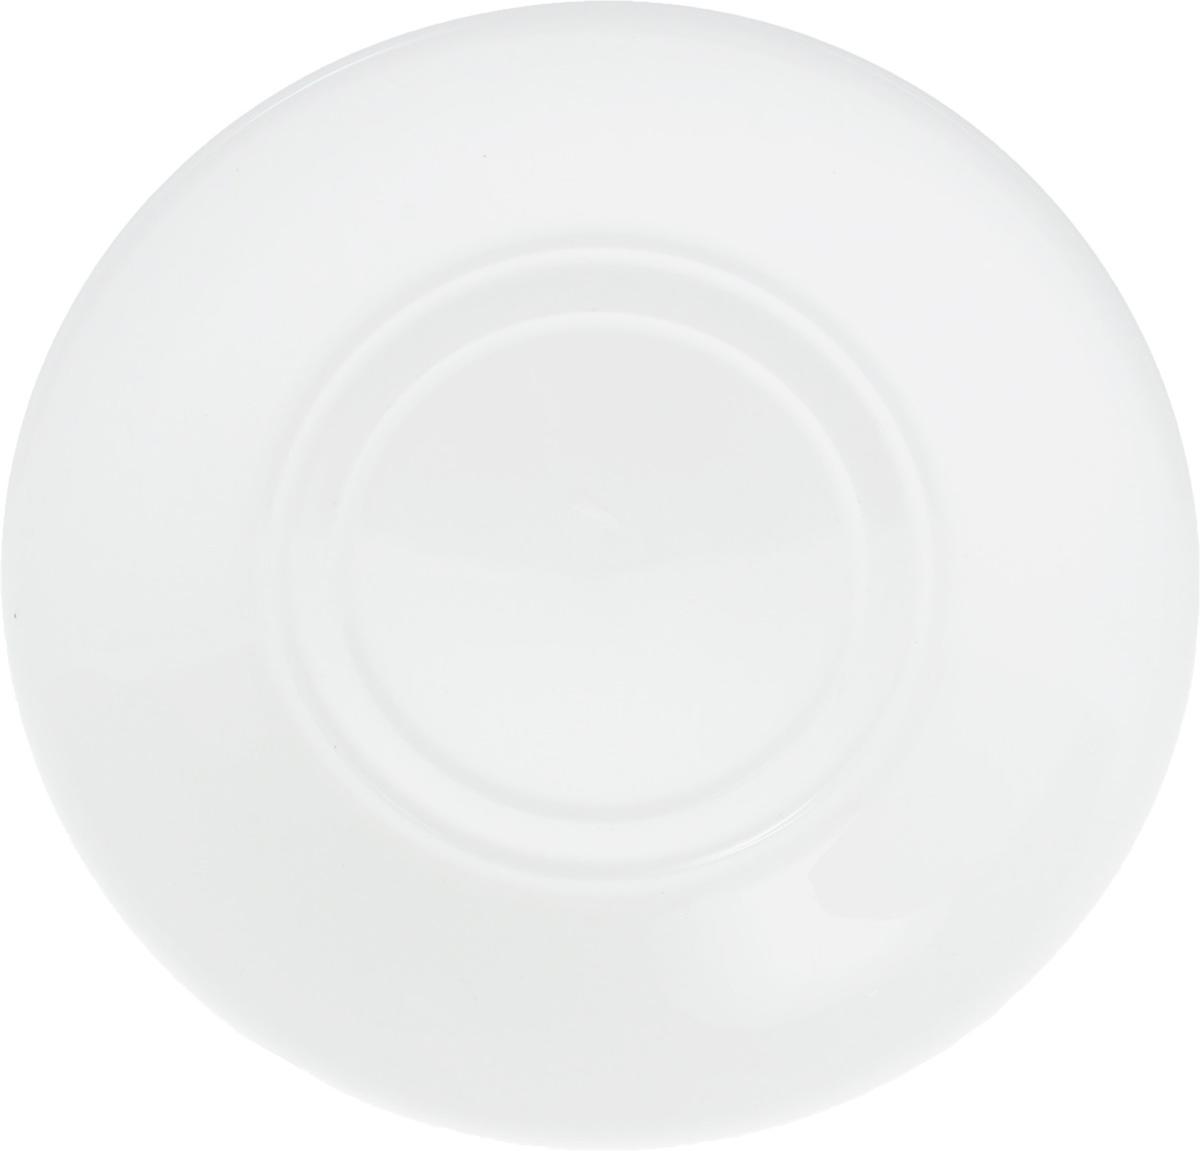 Блюдце Wilmax, диаметр 15 см115510Оригинальное блюдце Wilmax изготовлено из фарфора с глазурованным покрытием. Фарфор от Wilmax изготовлен по уникальному рецепту из сплава магния и алюминия, благодаря чему посуда обладает характерной белизной, прочностью и устойчивостью к сколами. Особый состав глазури обеспечивает гладкость и блеск поверхности изделия.Изделие сочетает в себе изысканный дизайн с максимальной функциональностью. Блюдце прекрасно впишется в интерьер вашей кухни и станет достойным дополнением к кухонному инвентарю. Можно мыть в посудомоечной машине и использовать в микроволновой печи. Изделие пригодно для использования в духовых печах и выдерживает температуру до 300°С.Диаметр: 15 см.Высота: 2 см.